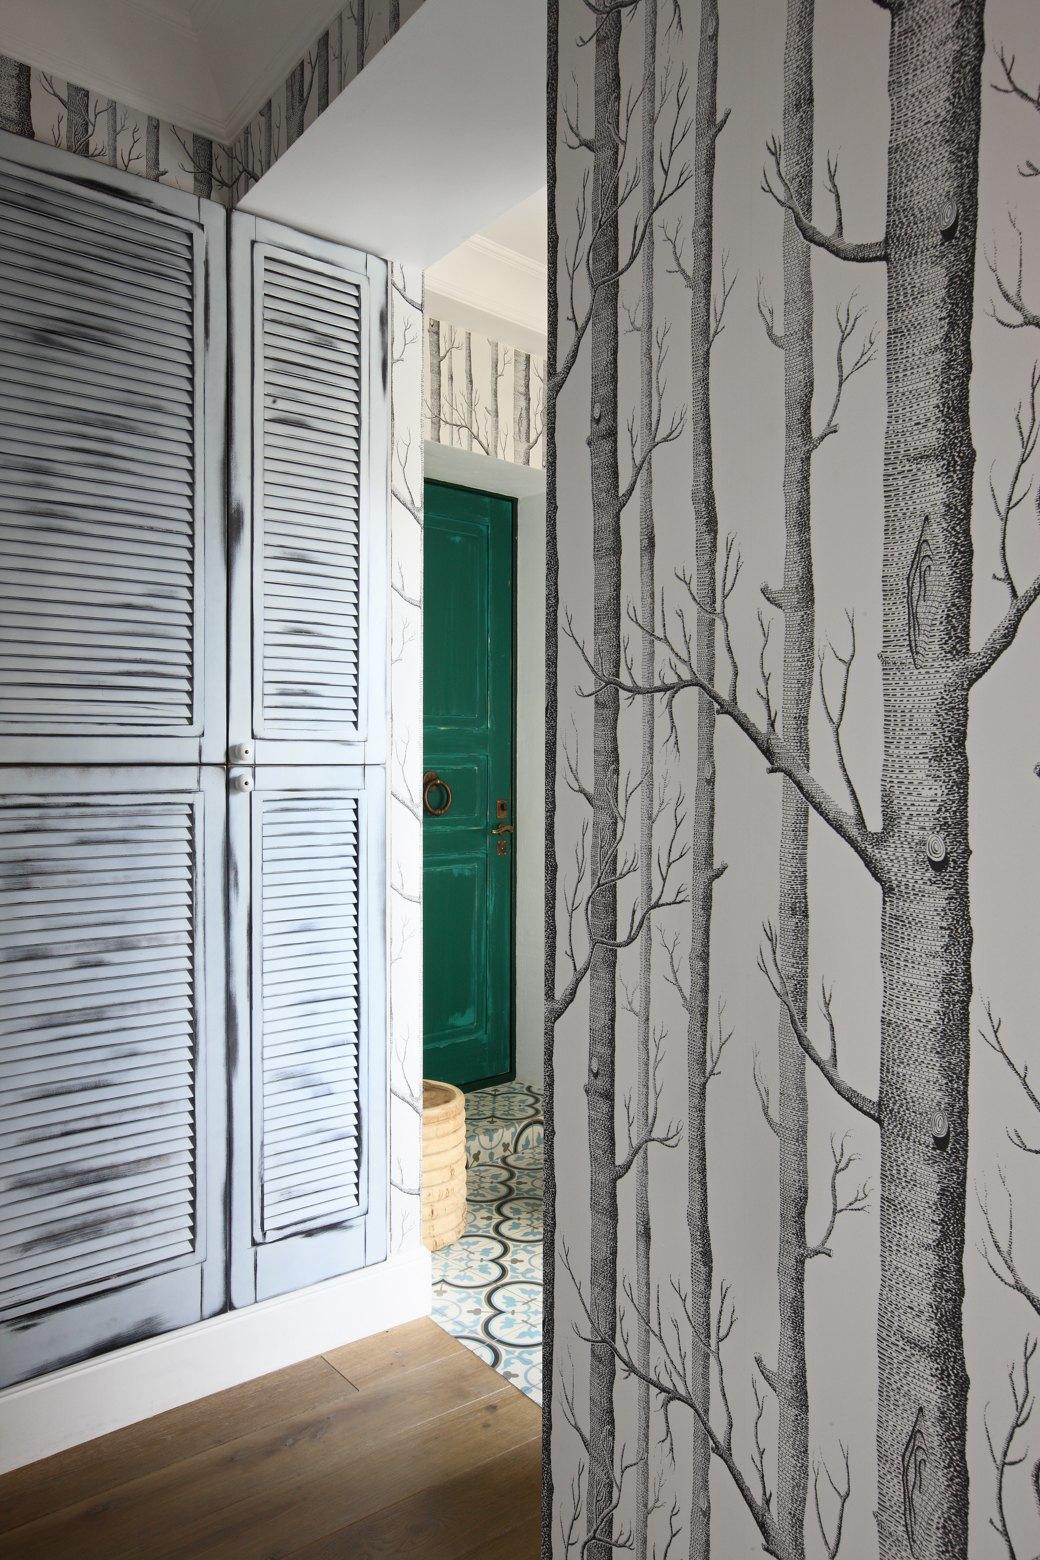 Просторная квартира на Цветном бульваре сбалийскими мотивами. Изображение № 14.